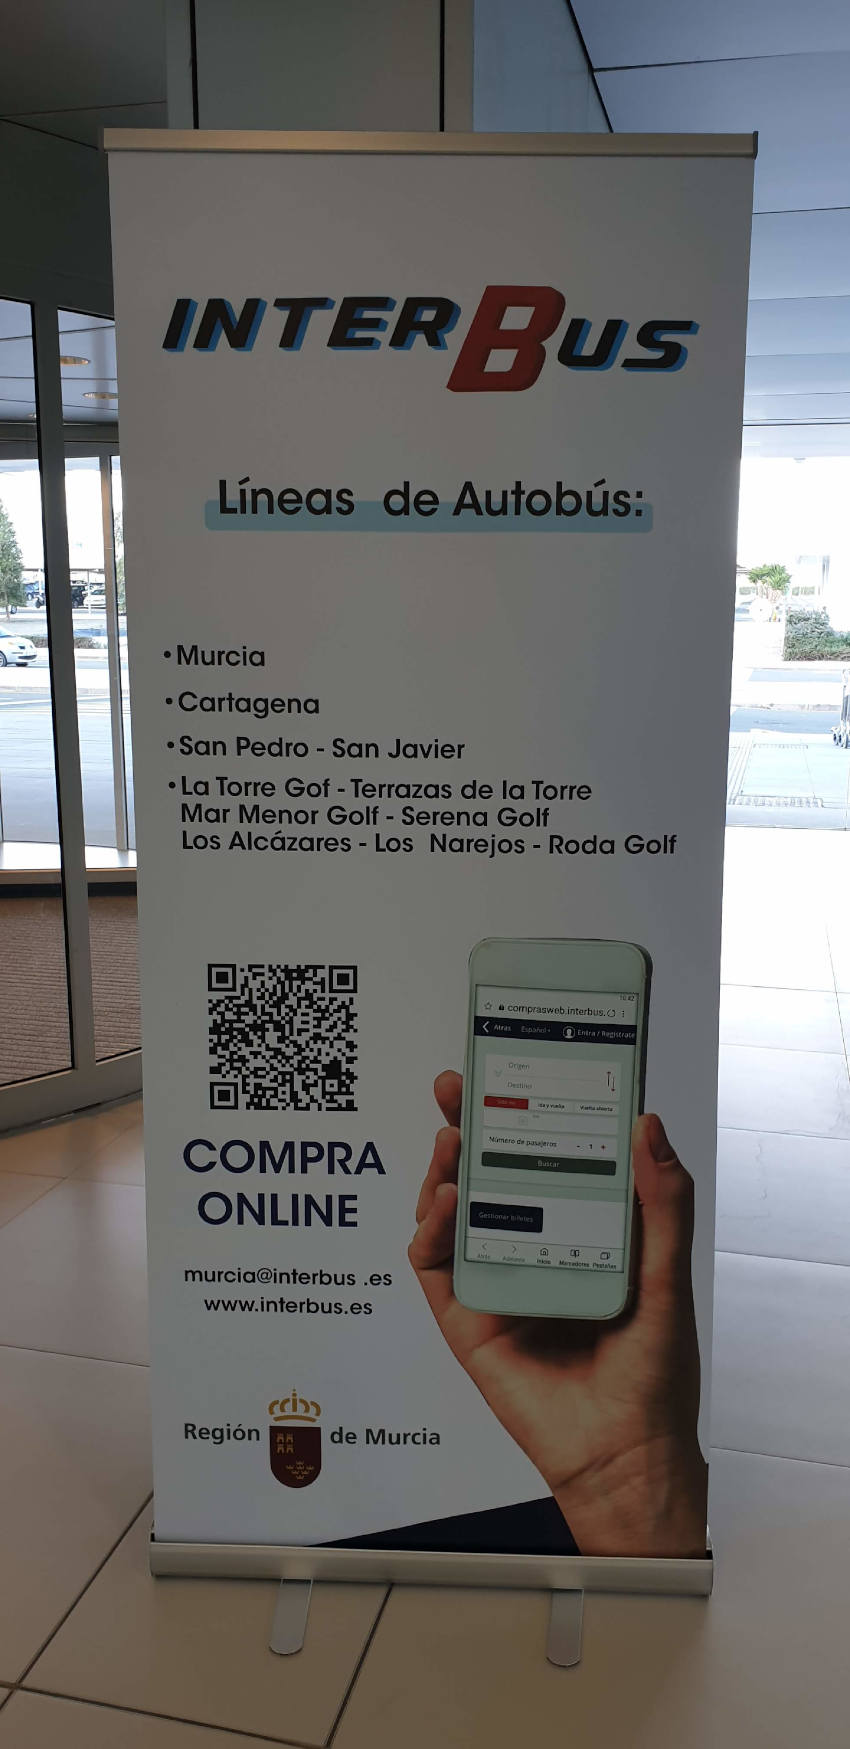 Corvera Airport Interbus App Details